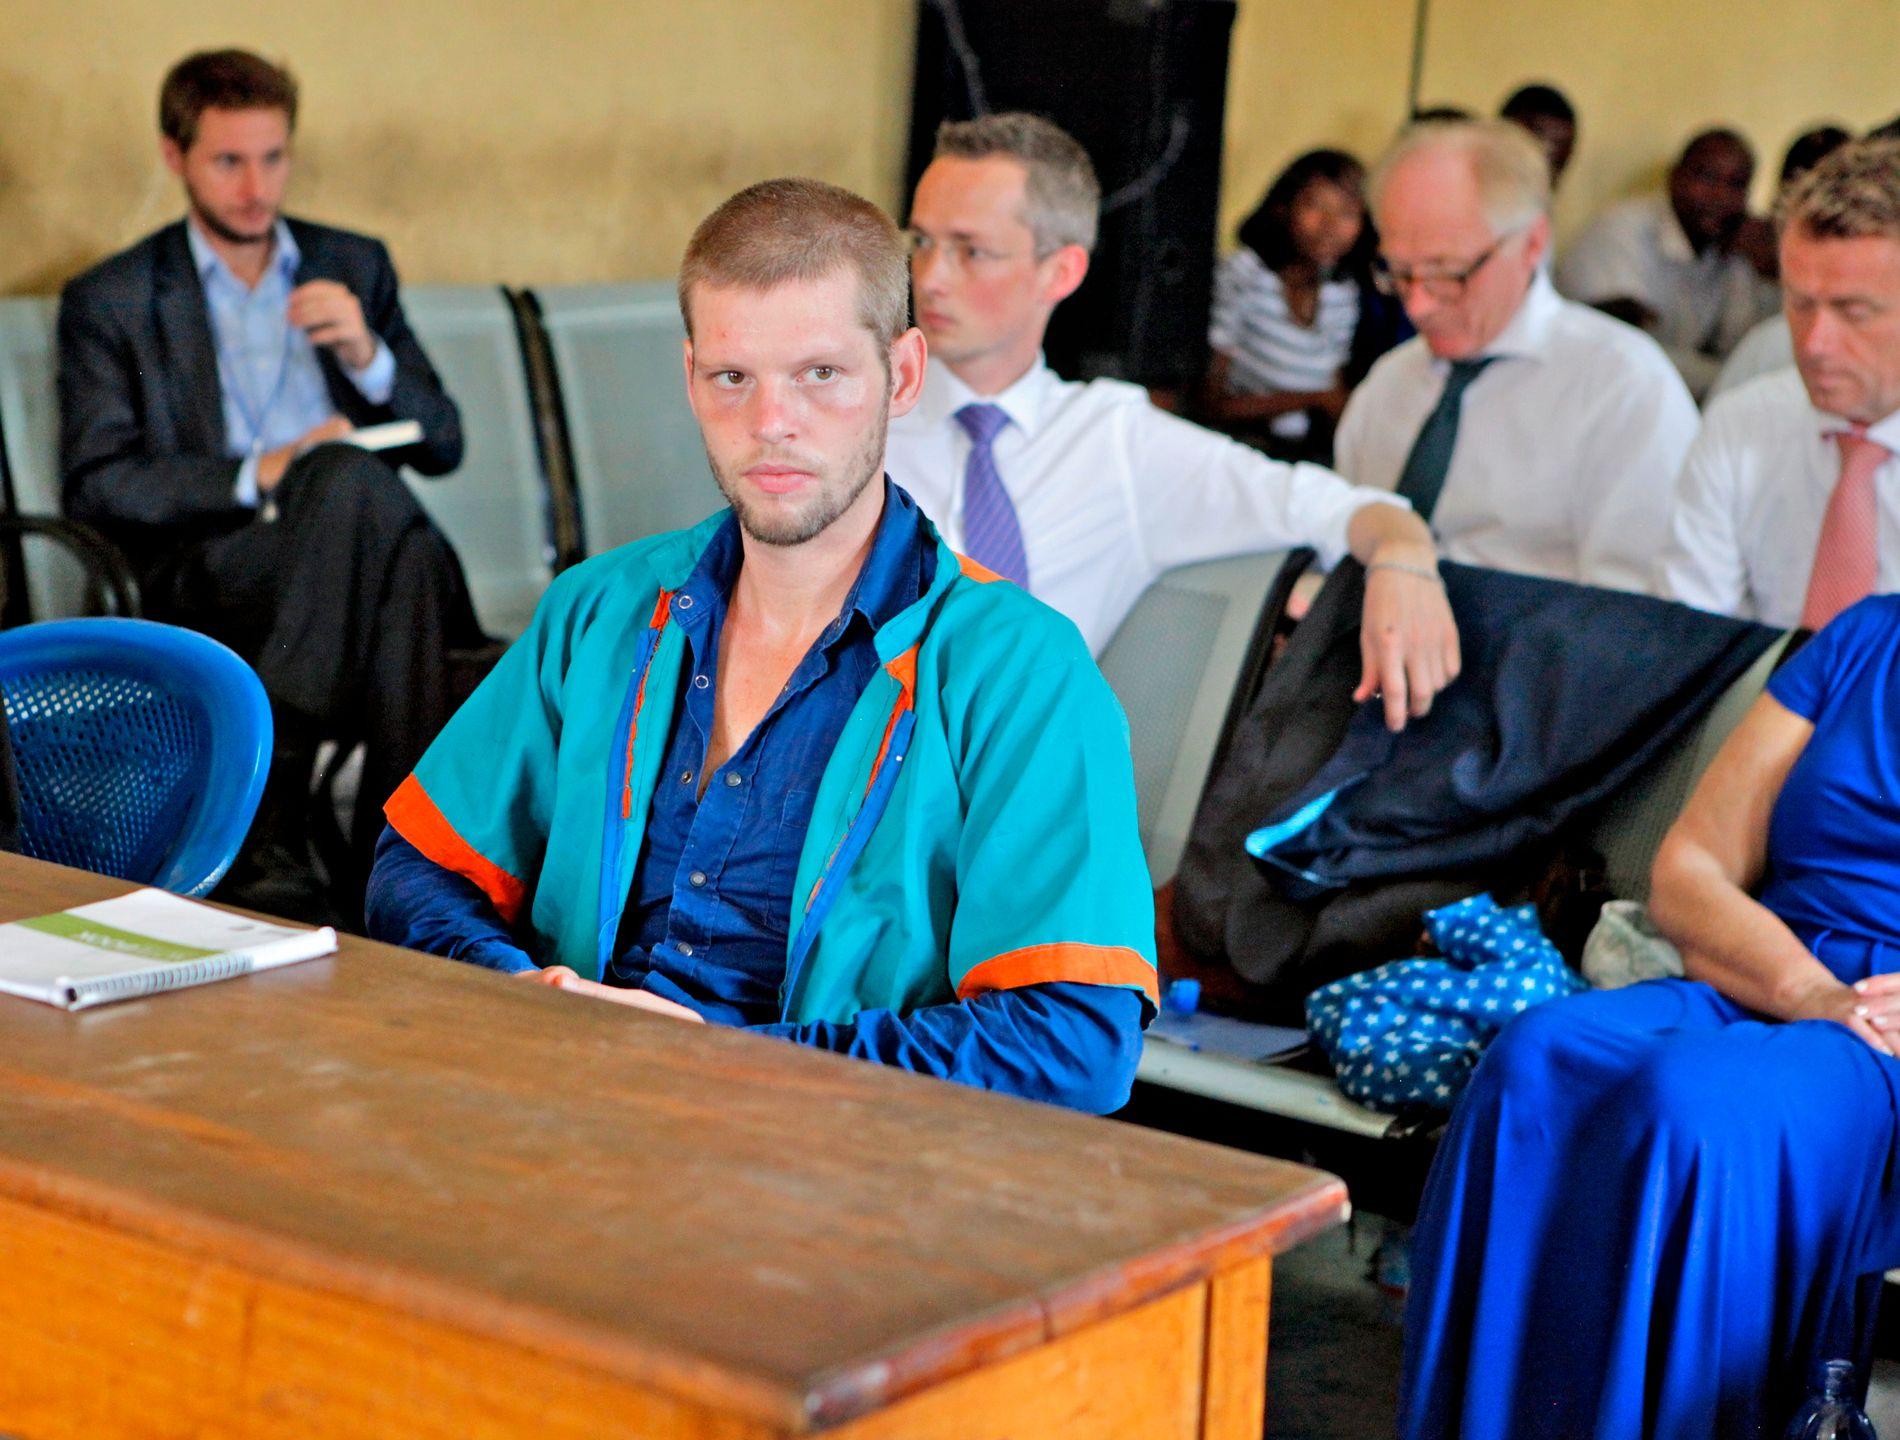 DØMT: Joshua French i rettssaken hvor han var tiltalt for å ha drept sin venn Tjostolv Moland på cella.